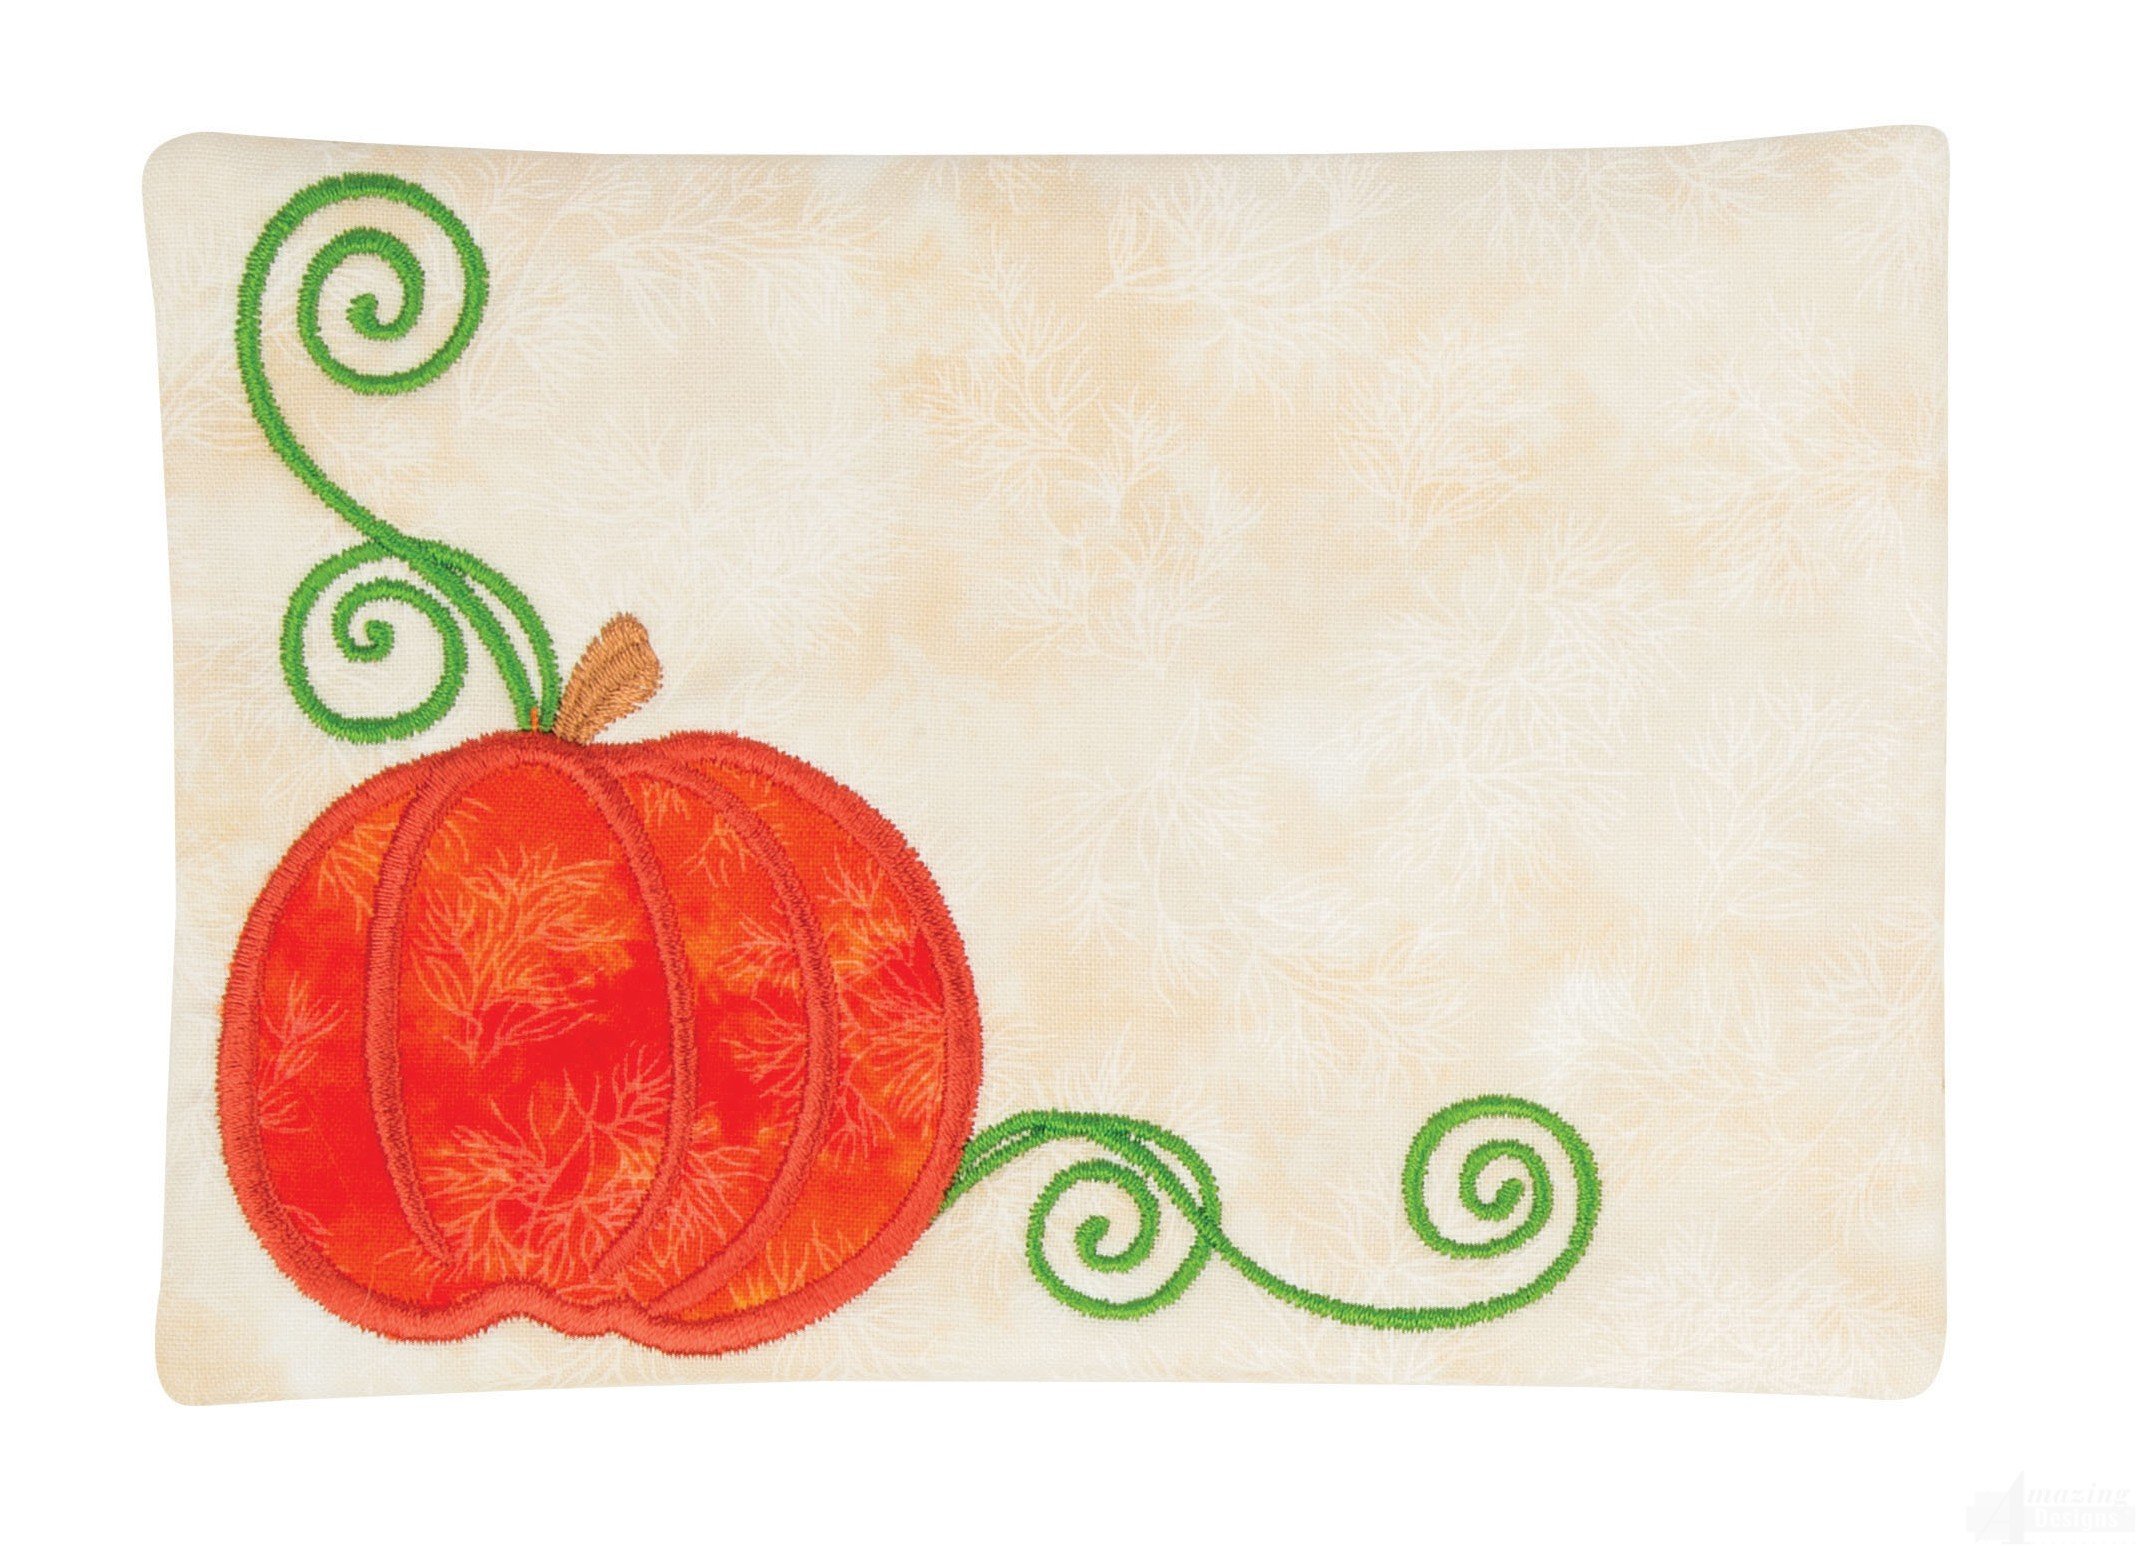 Pumpkin applique mug rug embroidery design